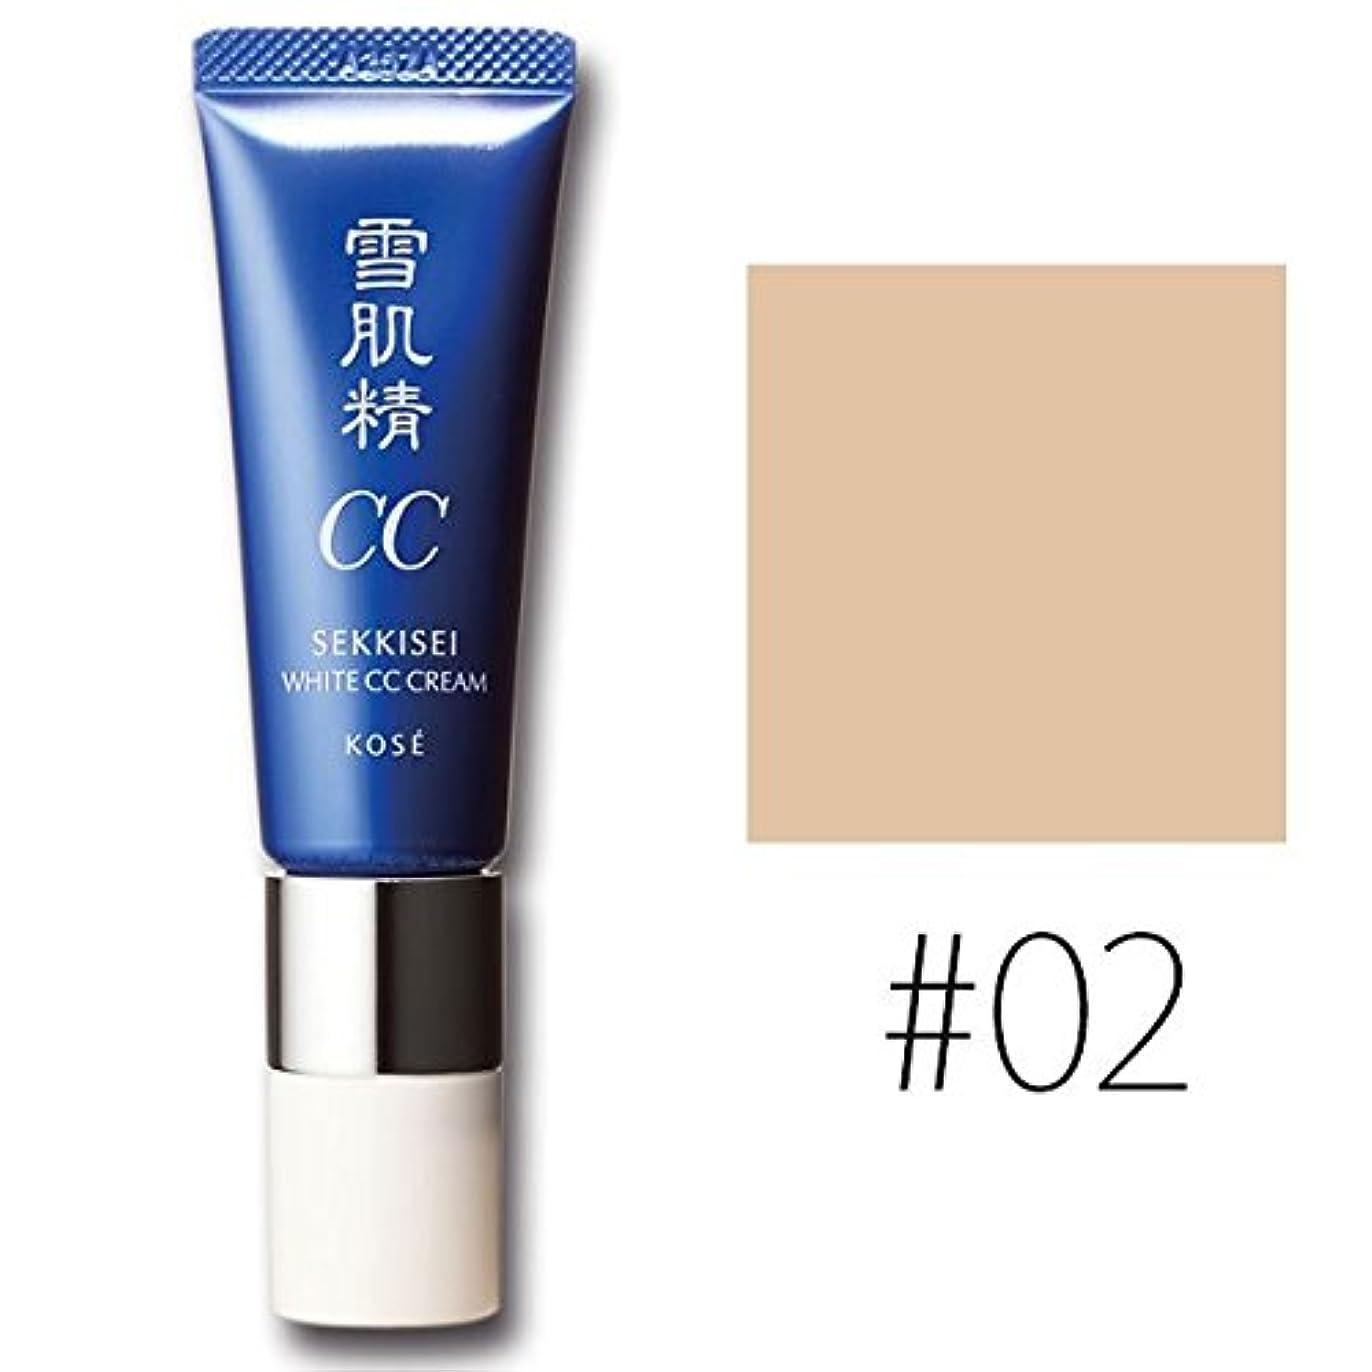 タオル真向こう好きであるコーセー 雪肌精 ホワイト CCクリーム【#02】 #OCHRE SPF50+/PA++++ 30g